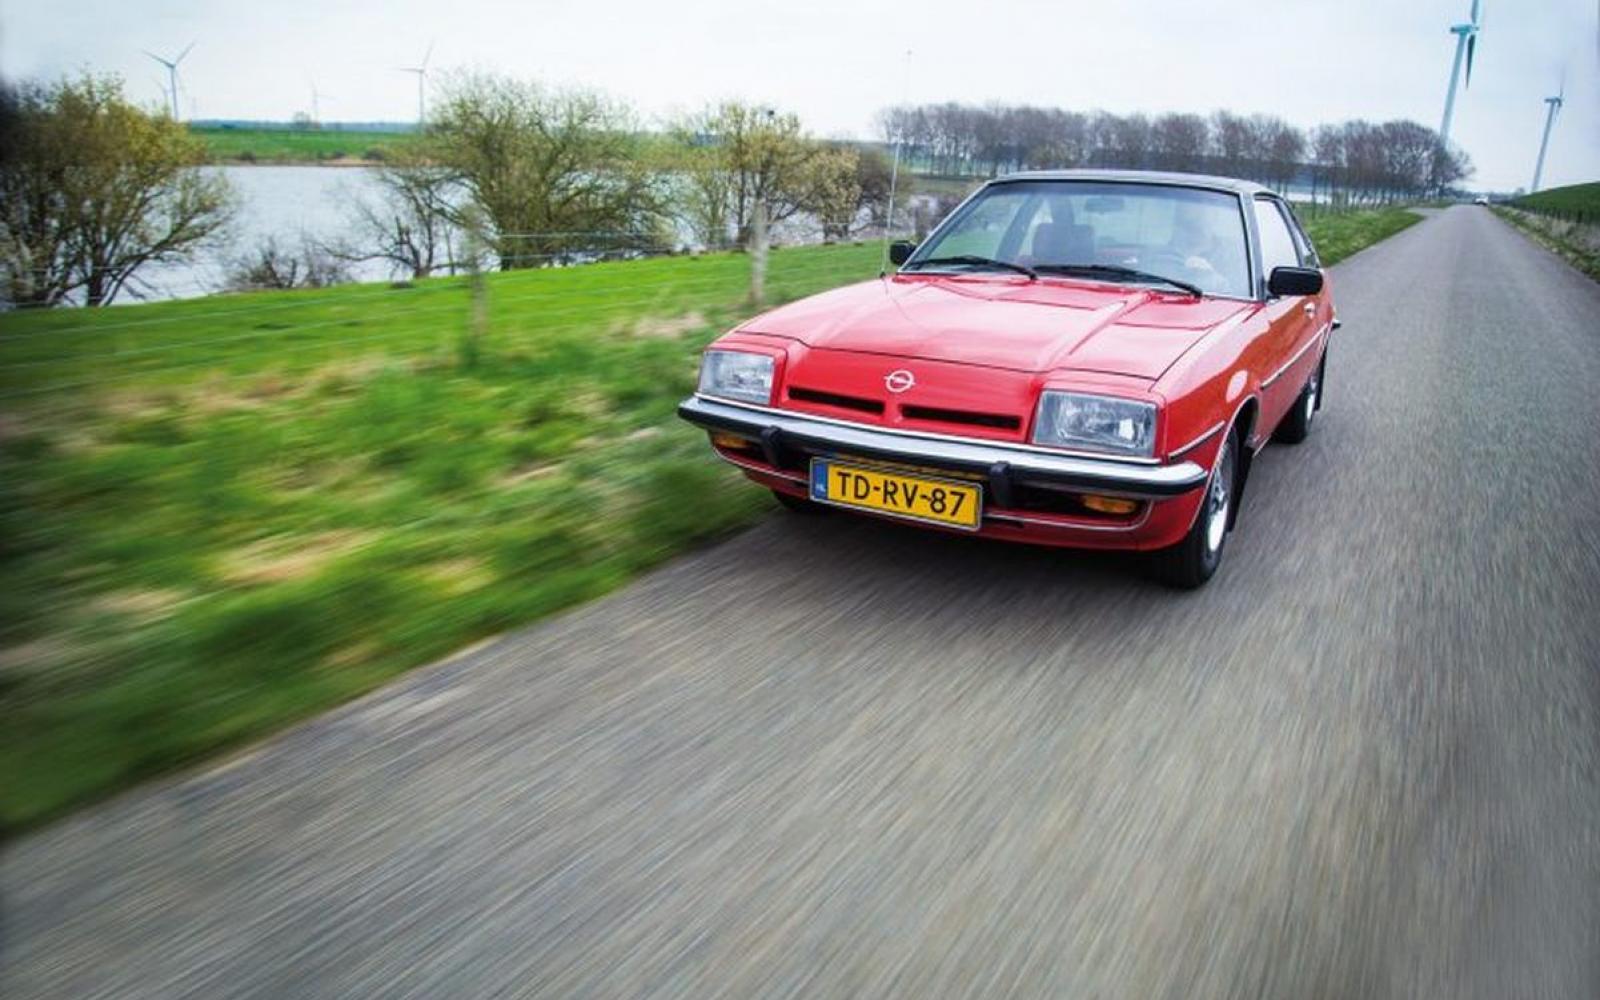 De Opel Manta is helemaal niet fout!